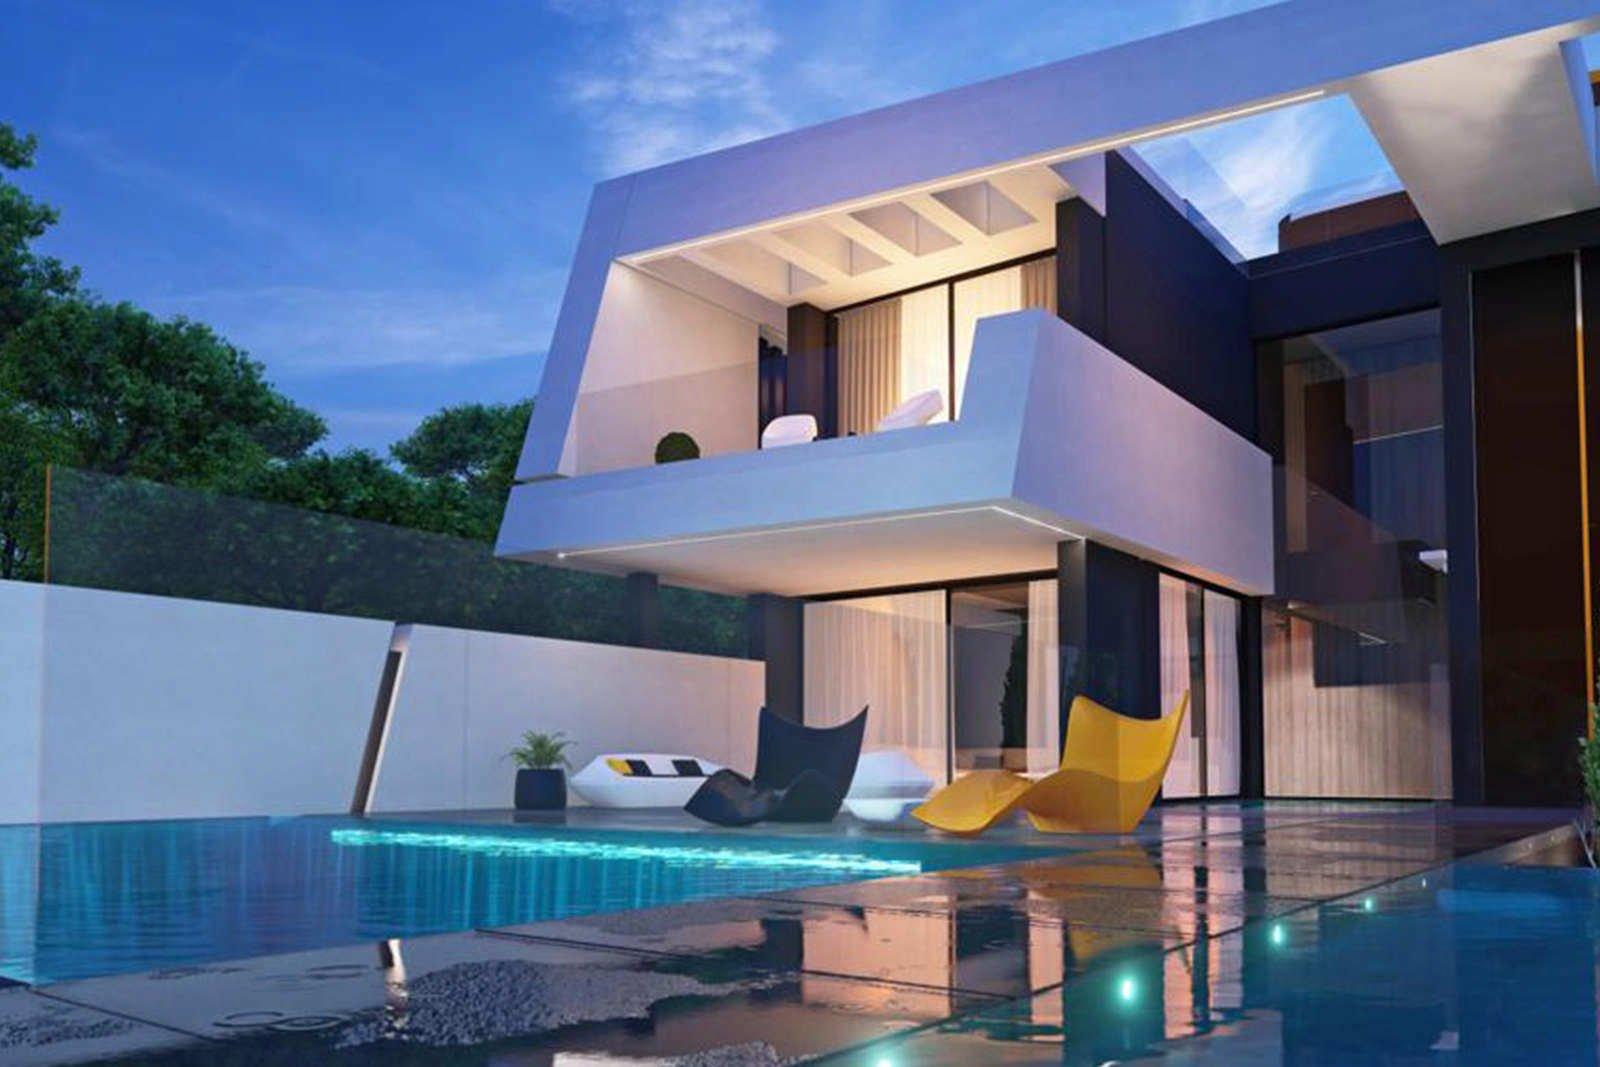 5 Bedroom Villa Vilamoura, Central Algarve Ref: PV3642